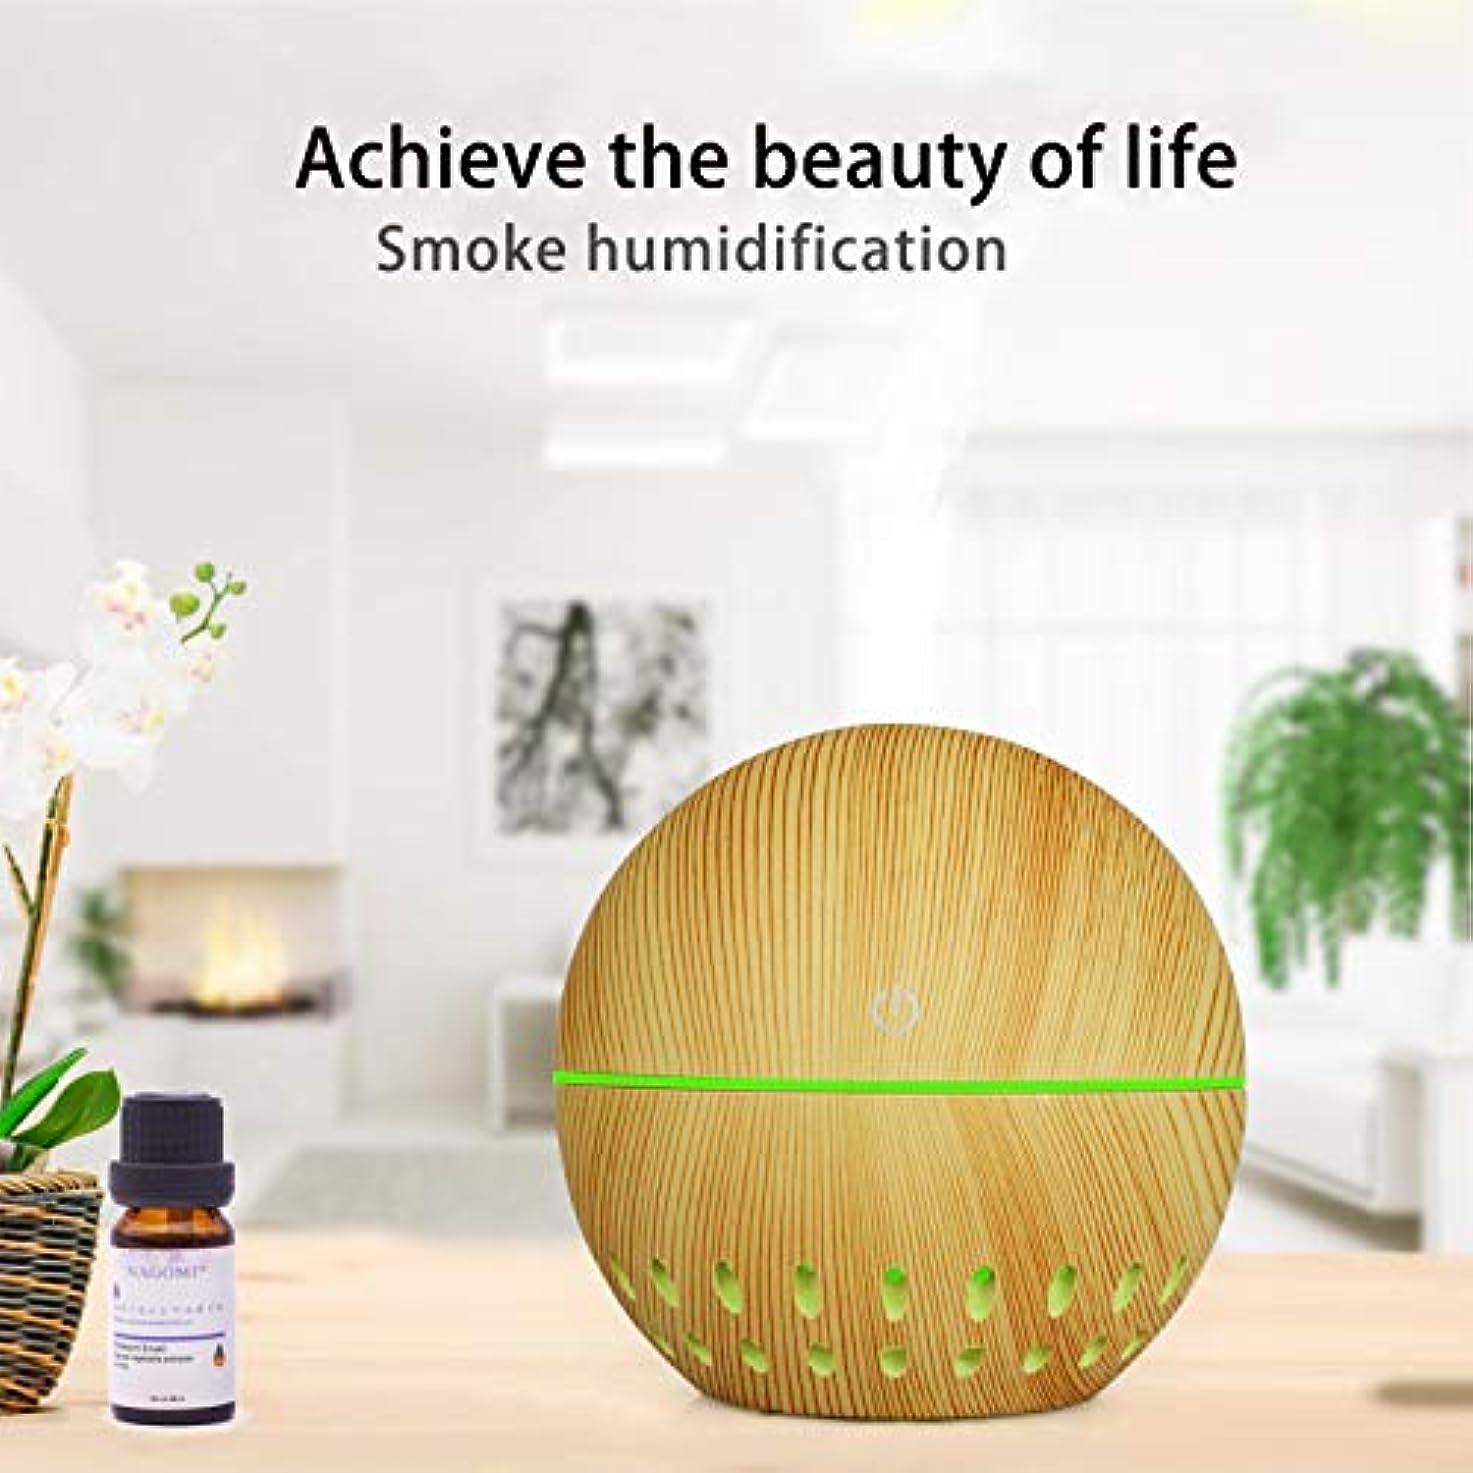 タイムリーな承知しましたページェントエッセンシャルオイルディフューザーは、家庭やオフィスのためにミスト加湿器をクール130mlの (Color : Light wood grain, Size : 10×10.5)